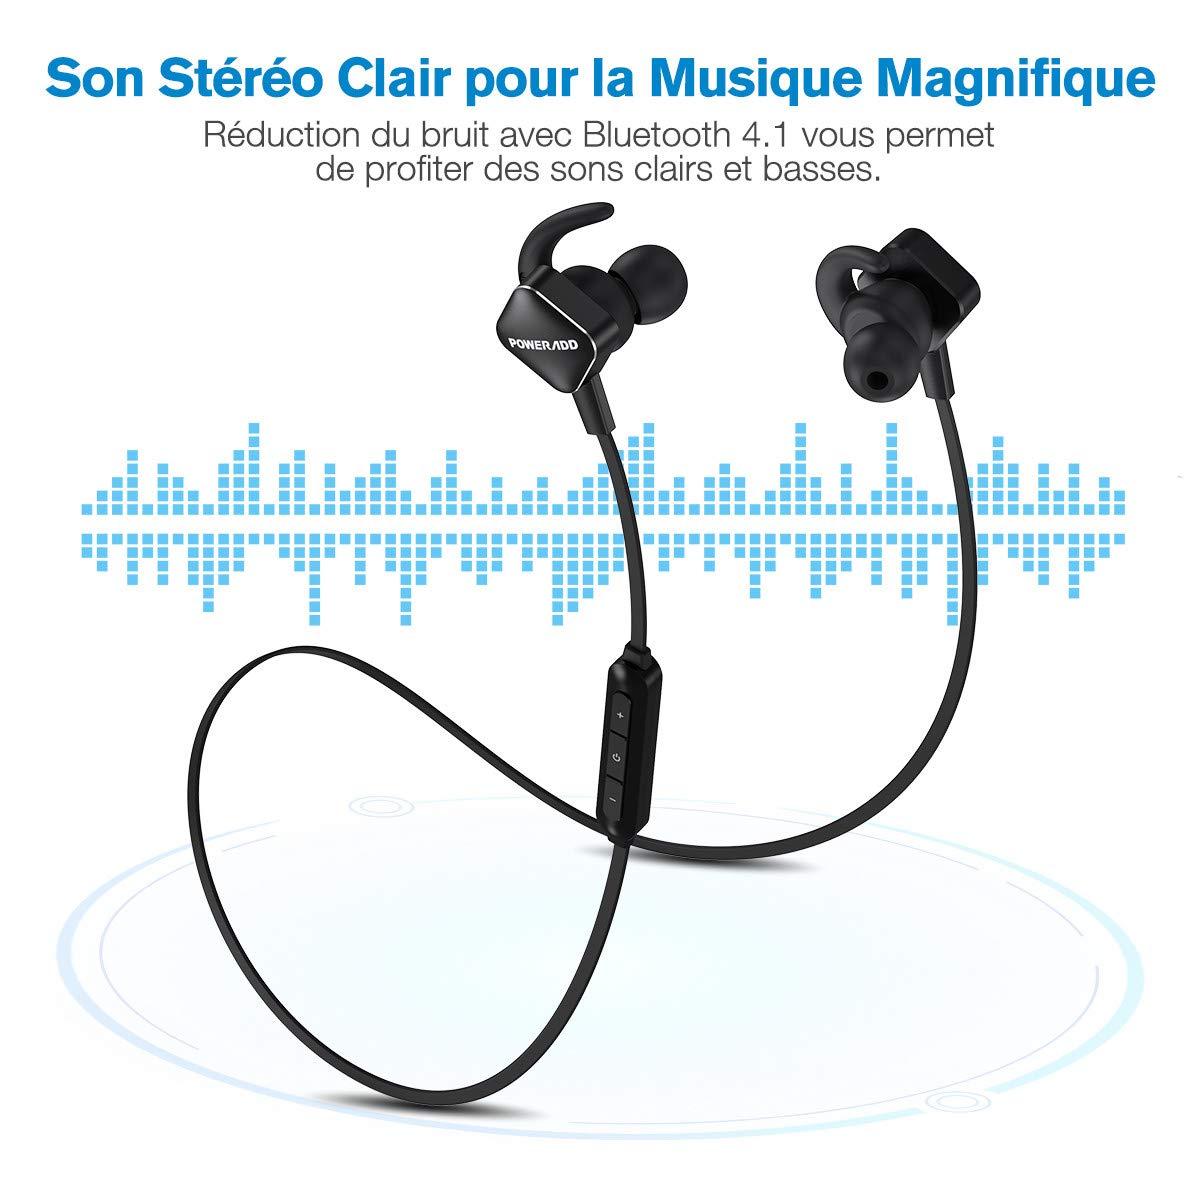 POWERADD Bluetooth Casque Sans Fil Ecouteur Bluetooth 4.1 Sport pour iPhone, Huawei, Samsung, Tablettes et les autres Smartphones